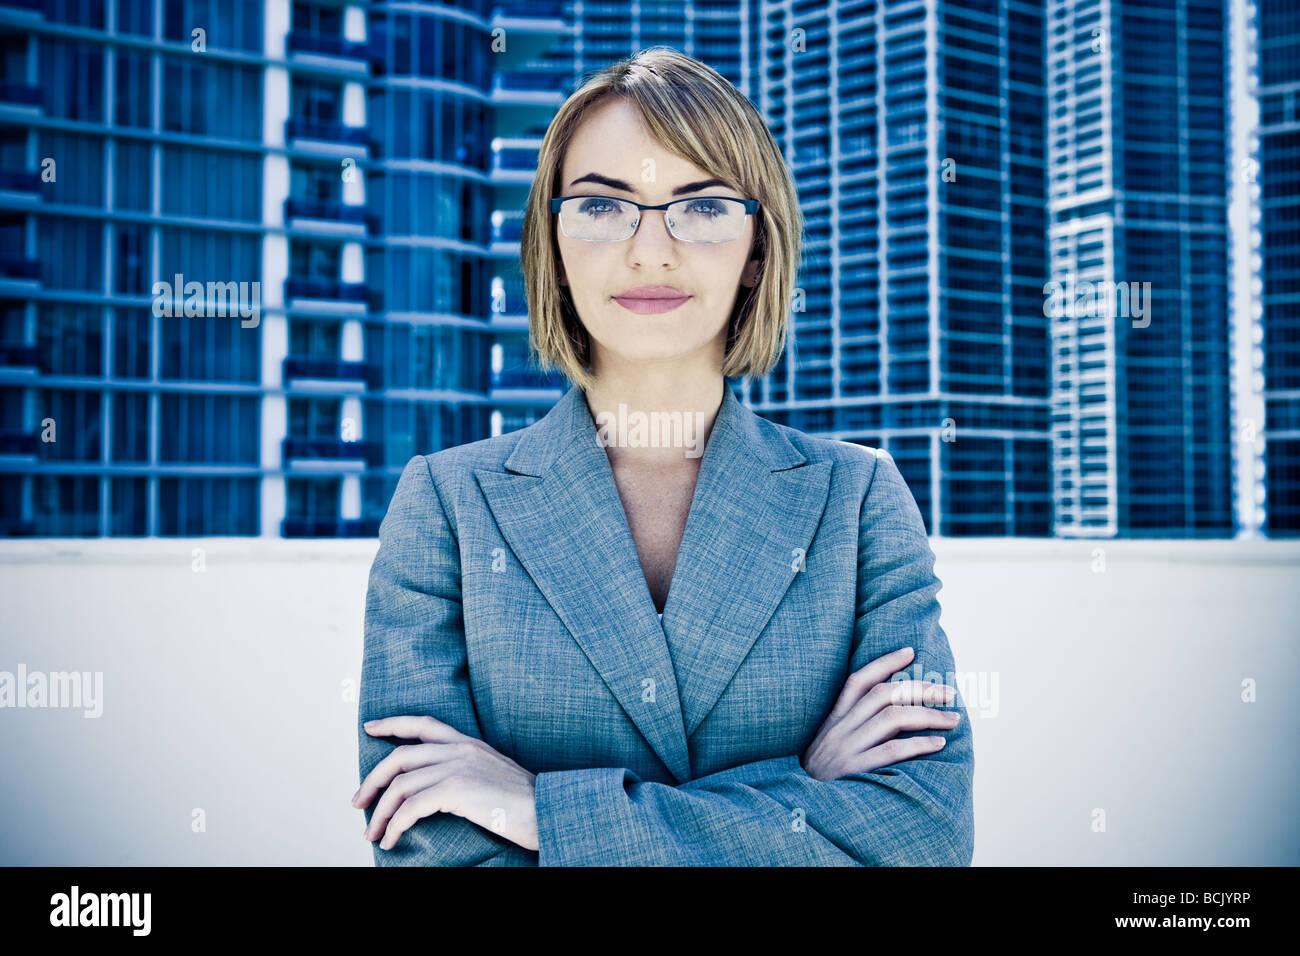 Junge hübsche Geschäftsfrau starrte in Kamera Stockbild